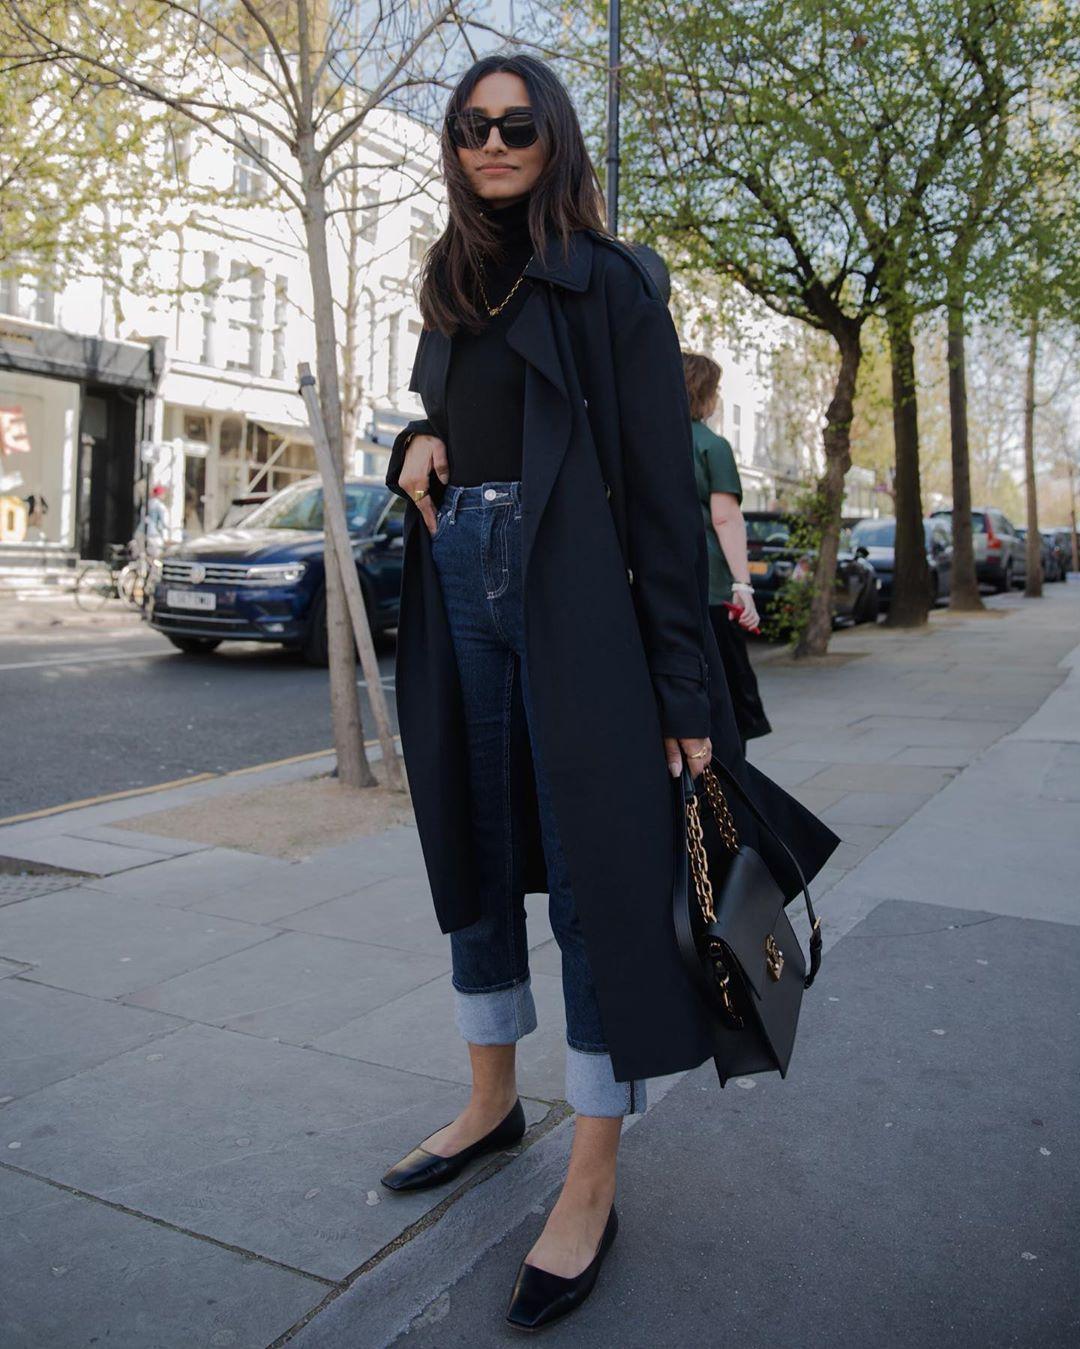 coat trench coat high waisted jeans ballet flats black bag black turtleneck top